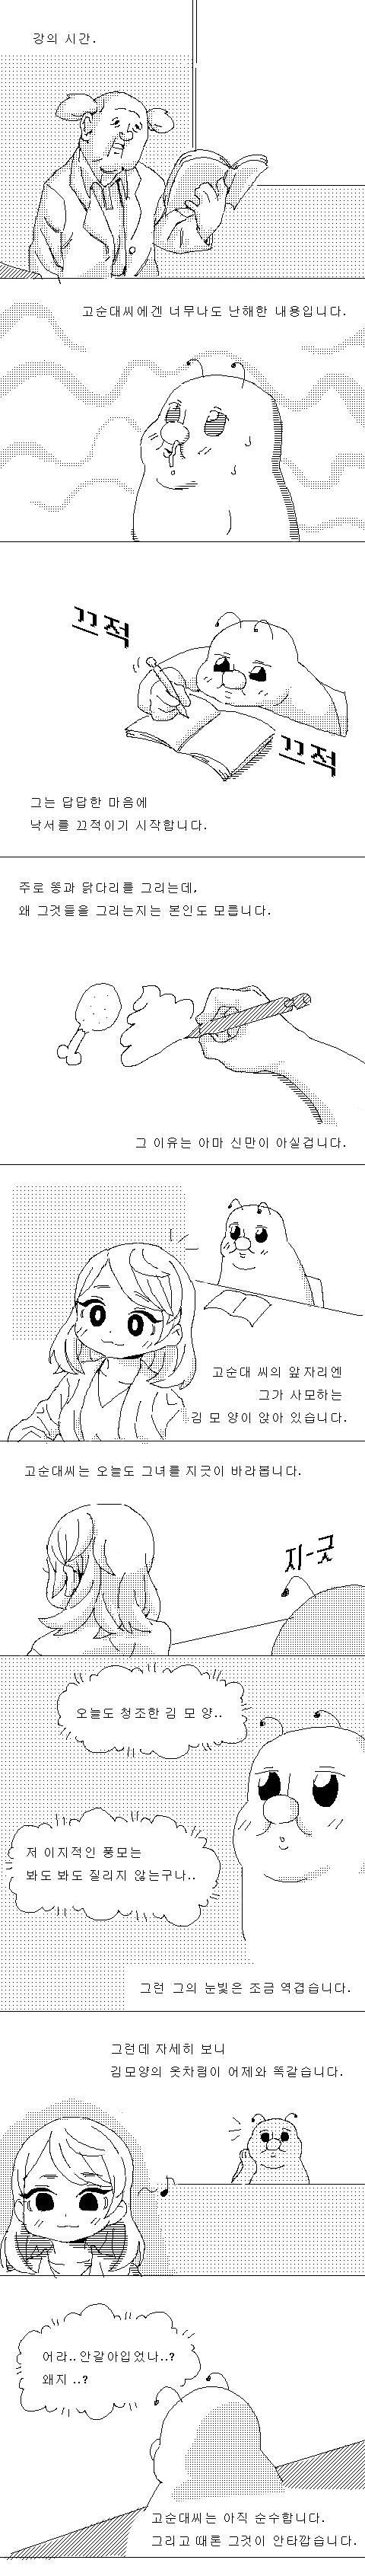 https://image.fmkorea.com/files/attach/new/20190908/486616/1585972660/2168650871/3de84c1a359260831adbd71958104f6e.png